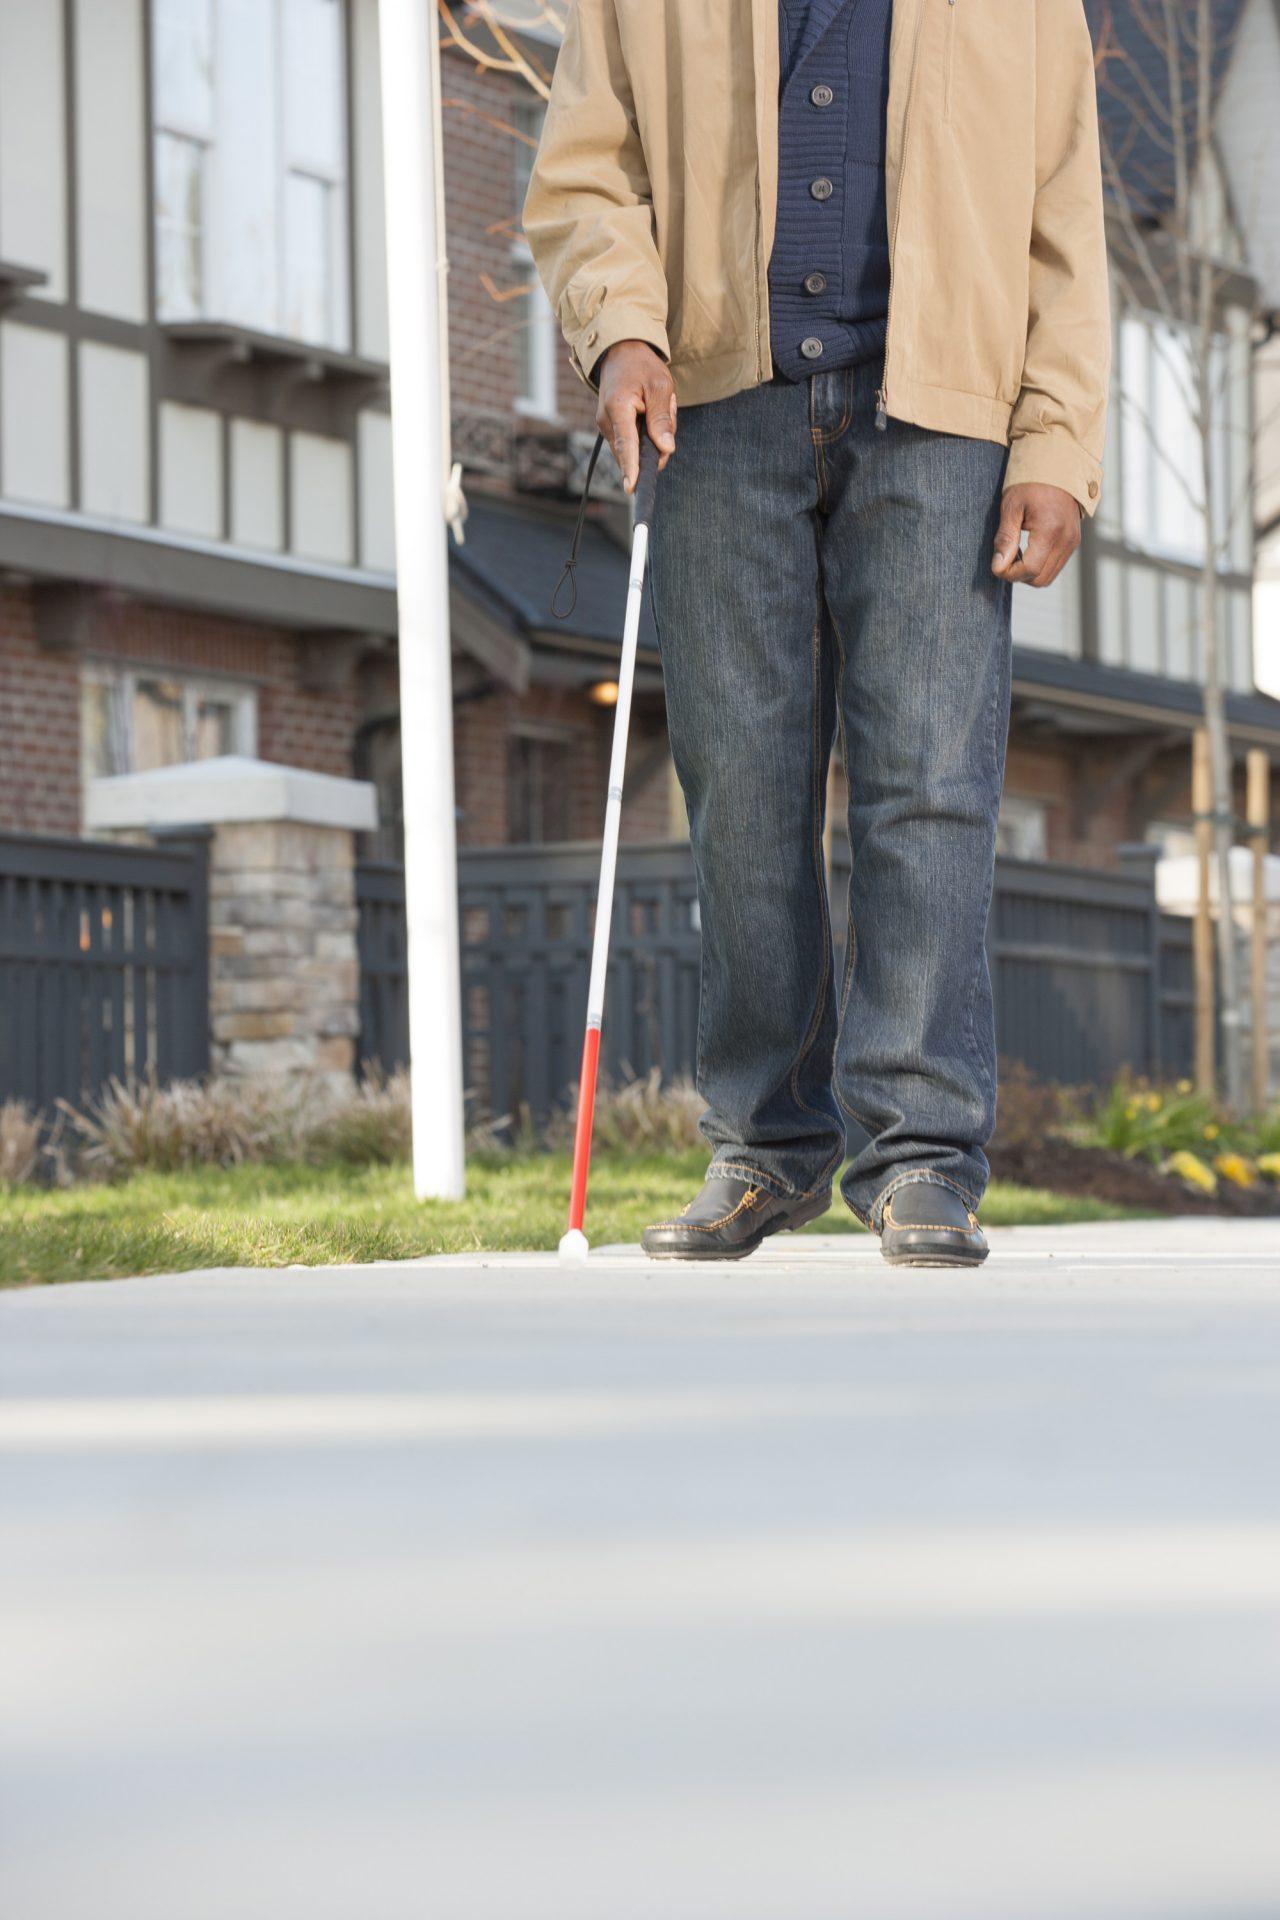 障害者やLGBTなど、マイノリティーが主役として働く社会を夢見て